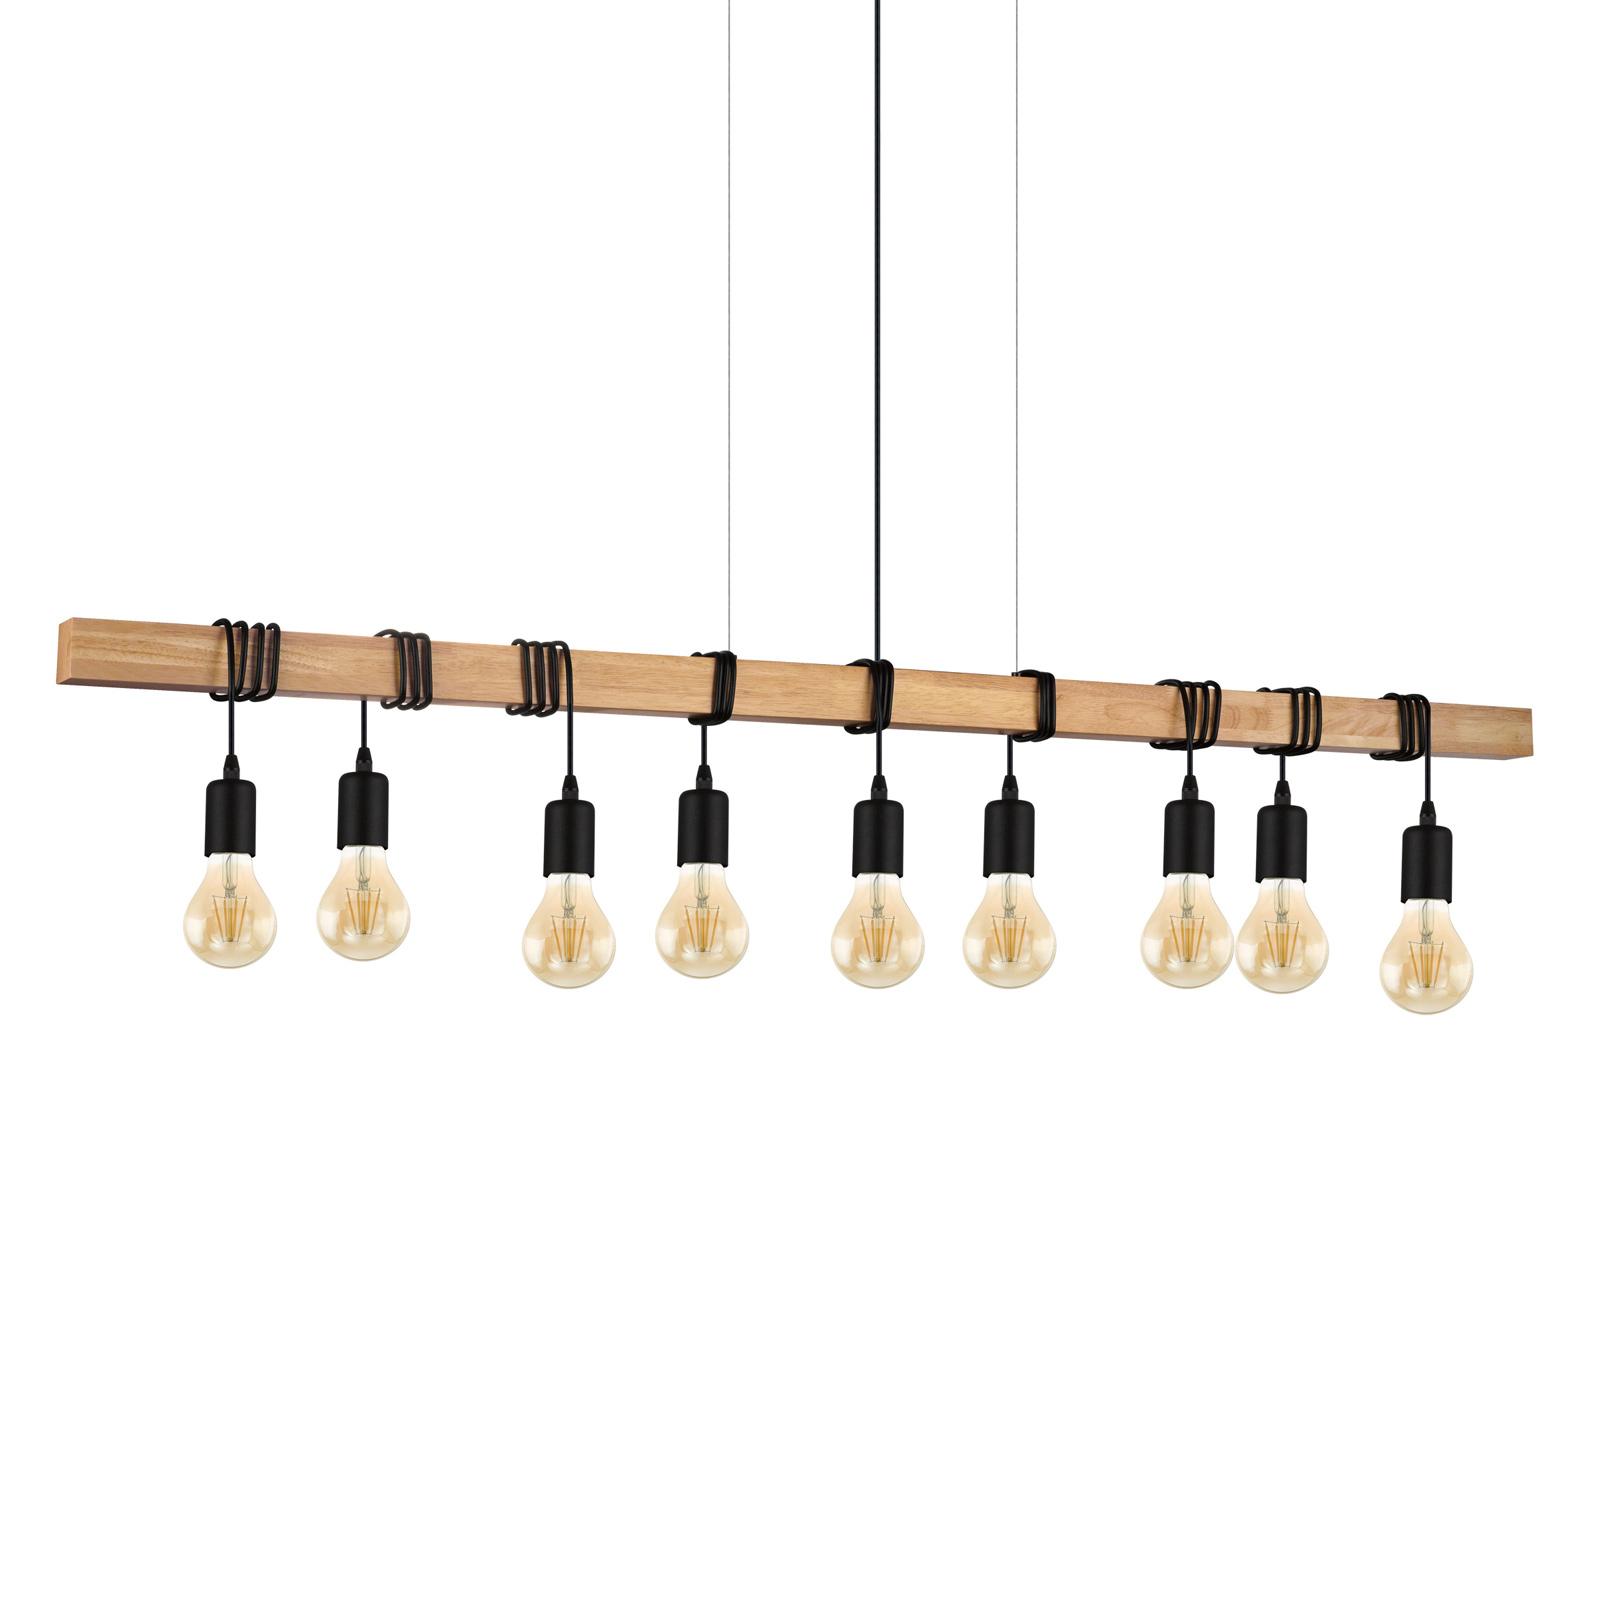 Suspension Townshend avec bois, à 9 lampes